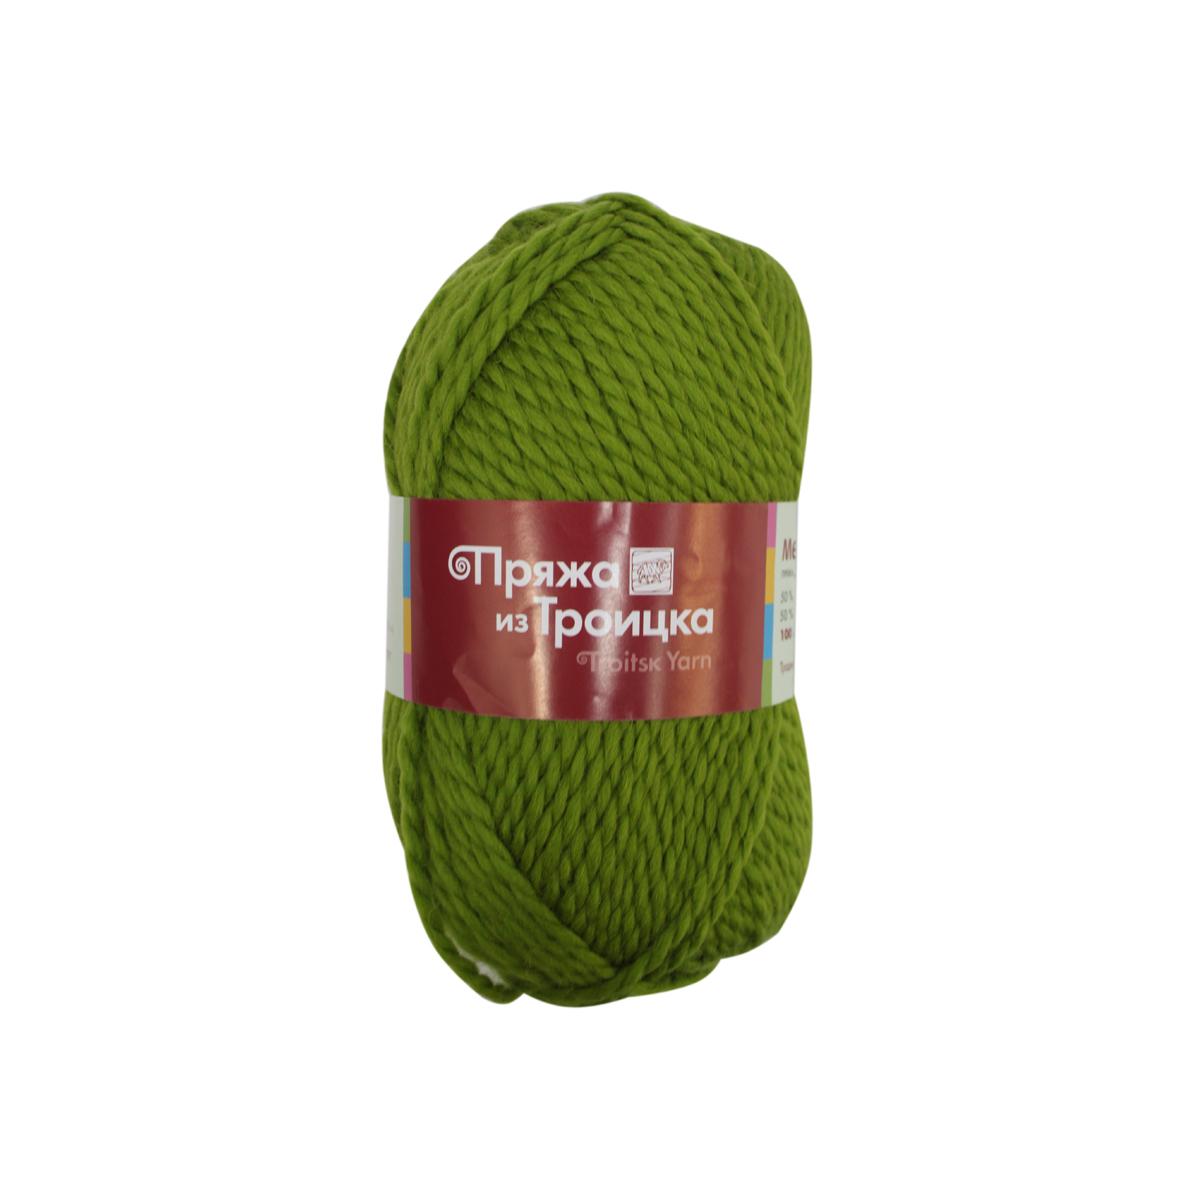 Пряжа для вязания Мелодия, 100 г, 100 м, цвет: 1550 аспарагус, 10 шт366020_1550